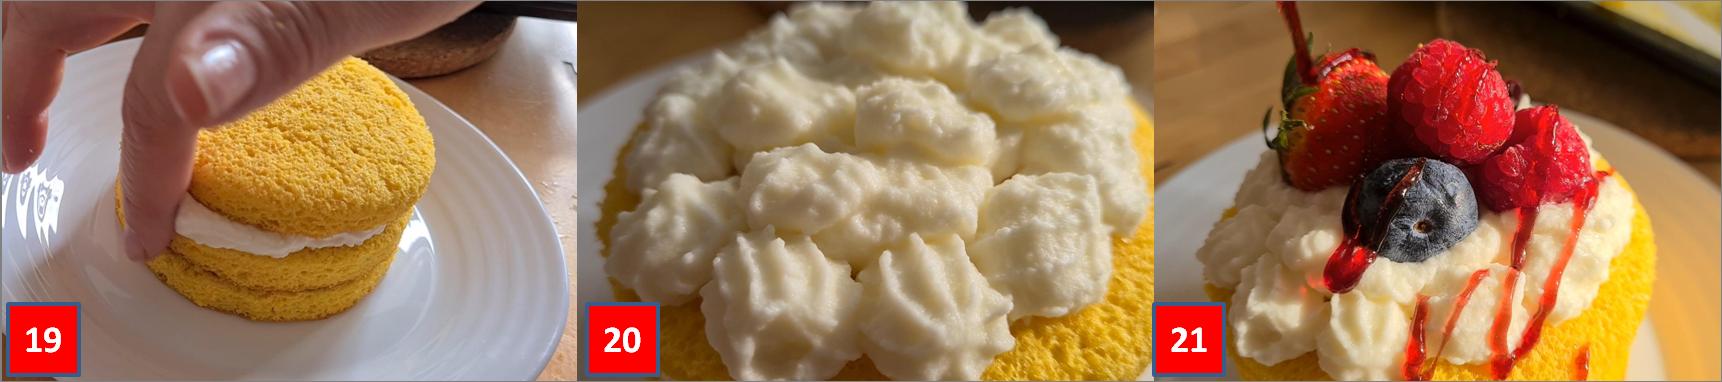 ricetta passo passo minicakes con crema e frutti di bosco